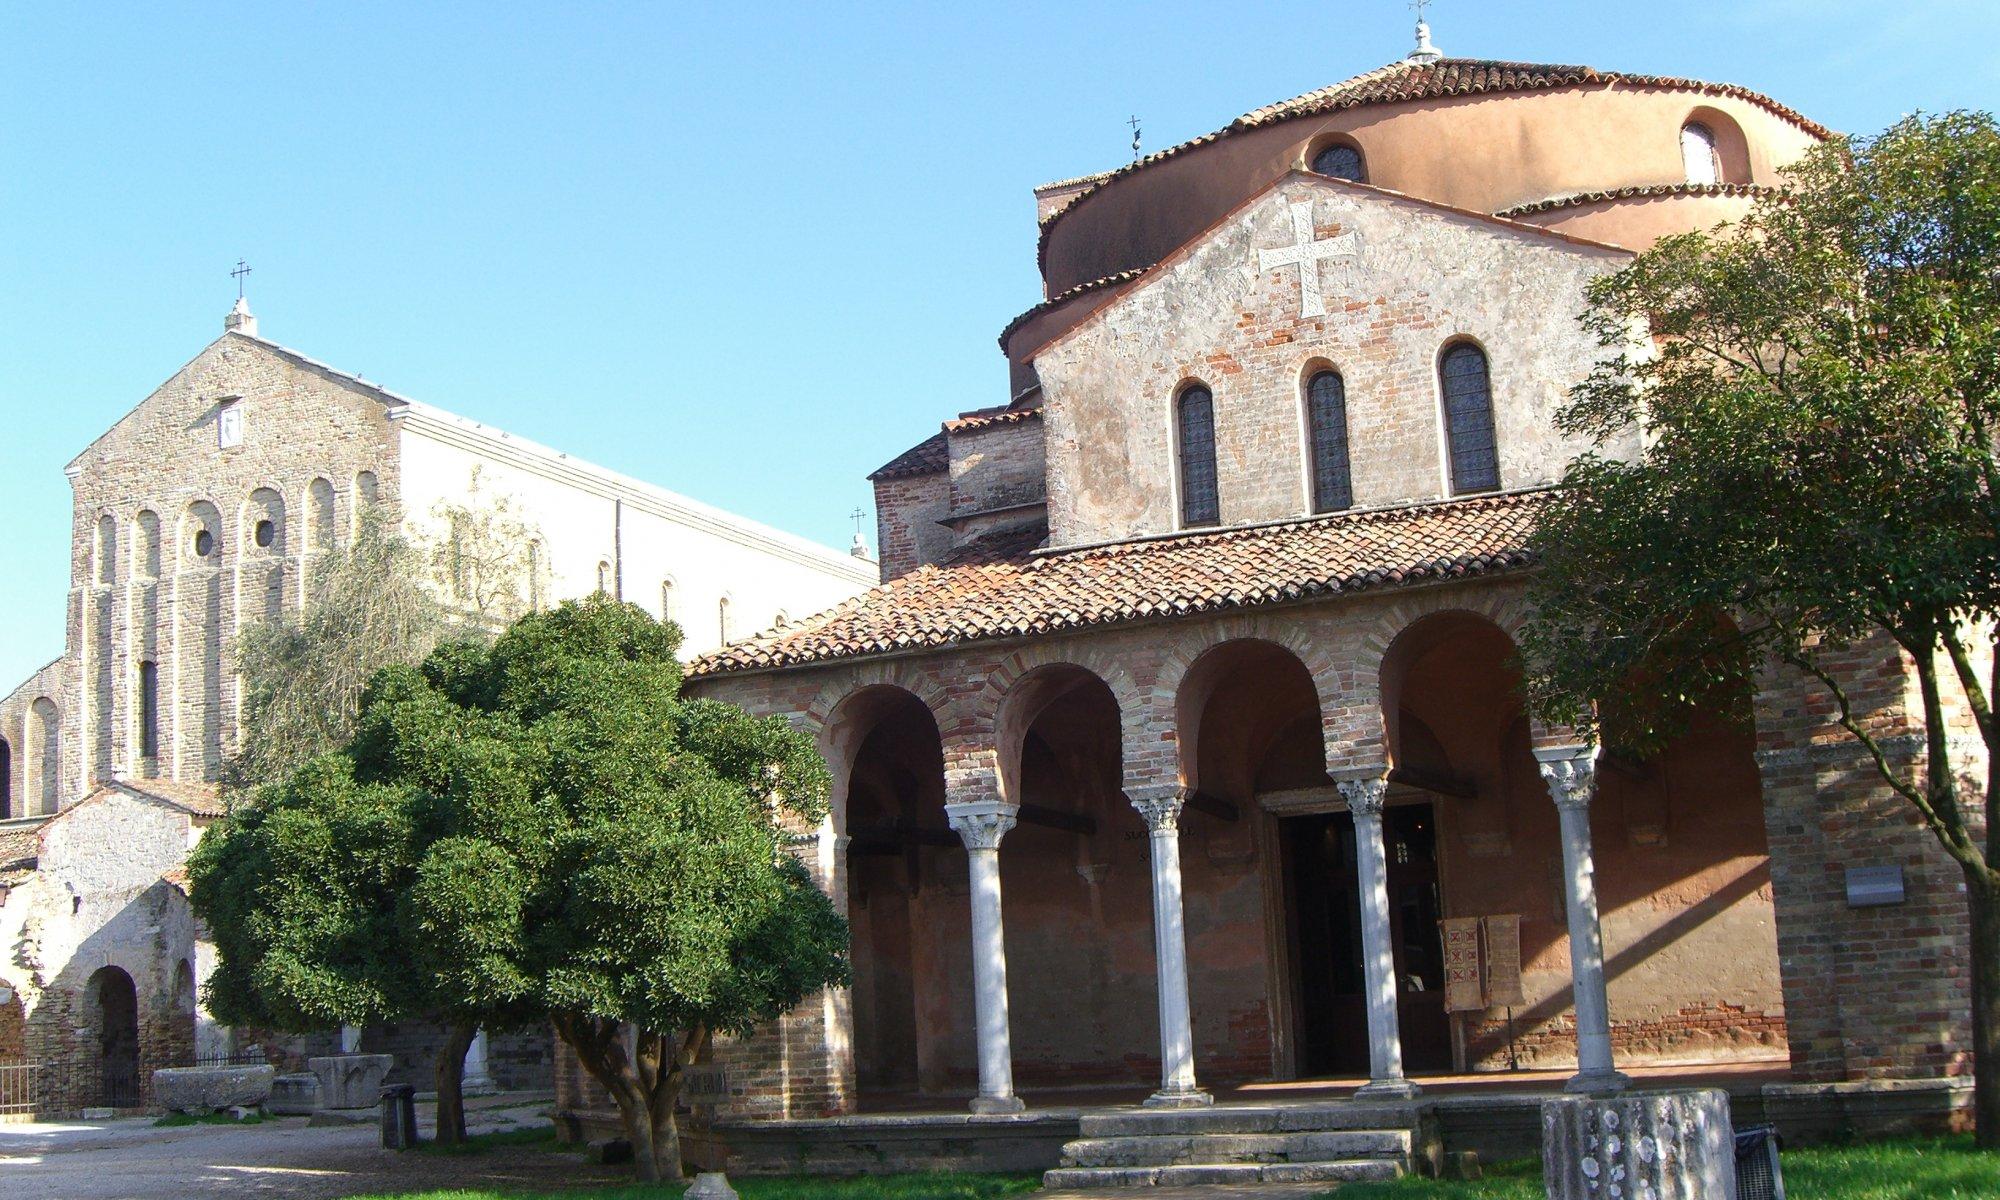 Basilica di Santa Maria Assunta, Torcello, Venezia